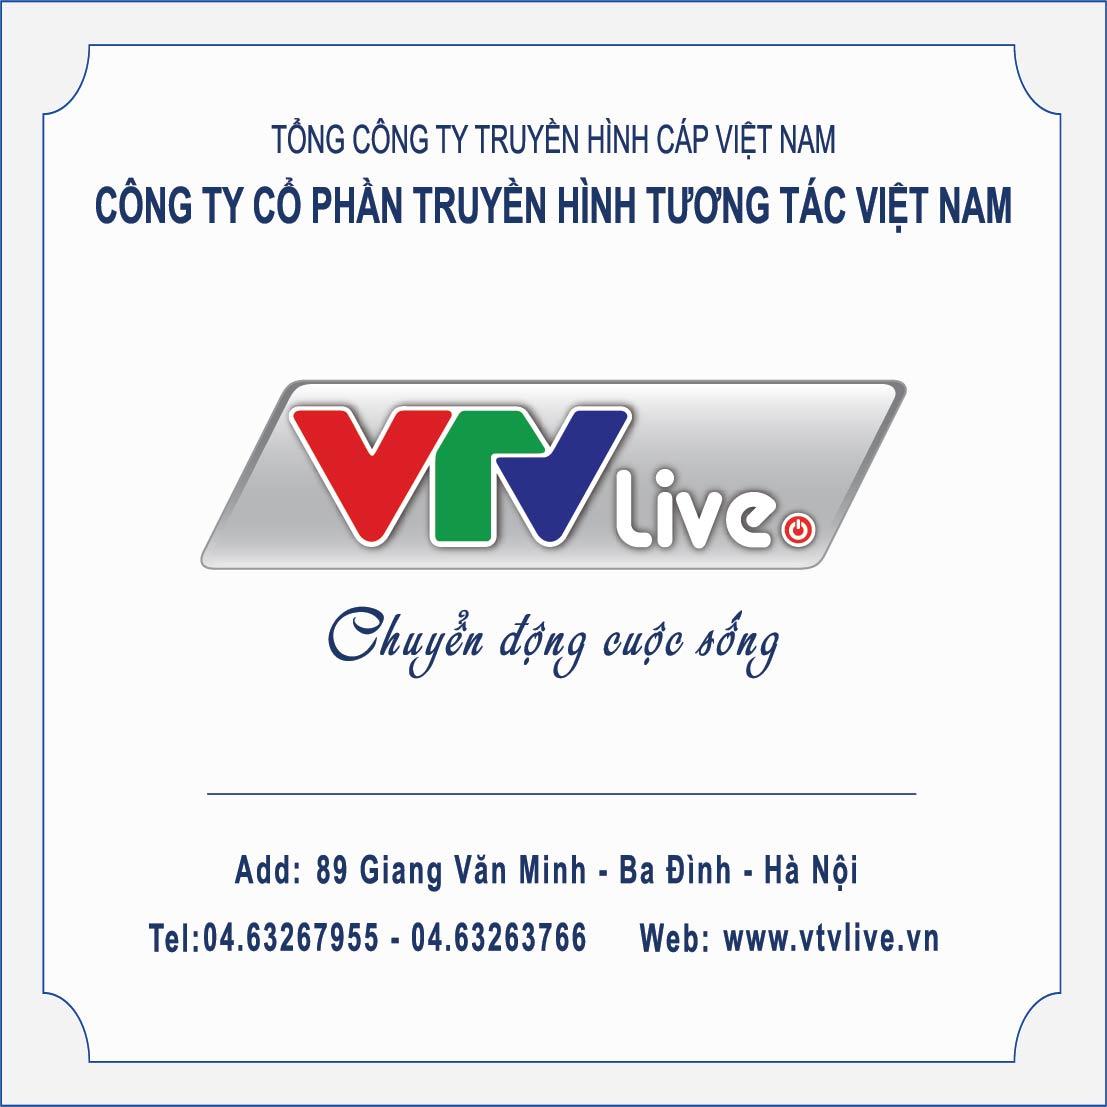 Công ty cổ phần Truyền Hình Tương Tác Việt Nam